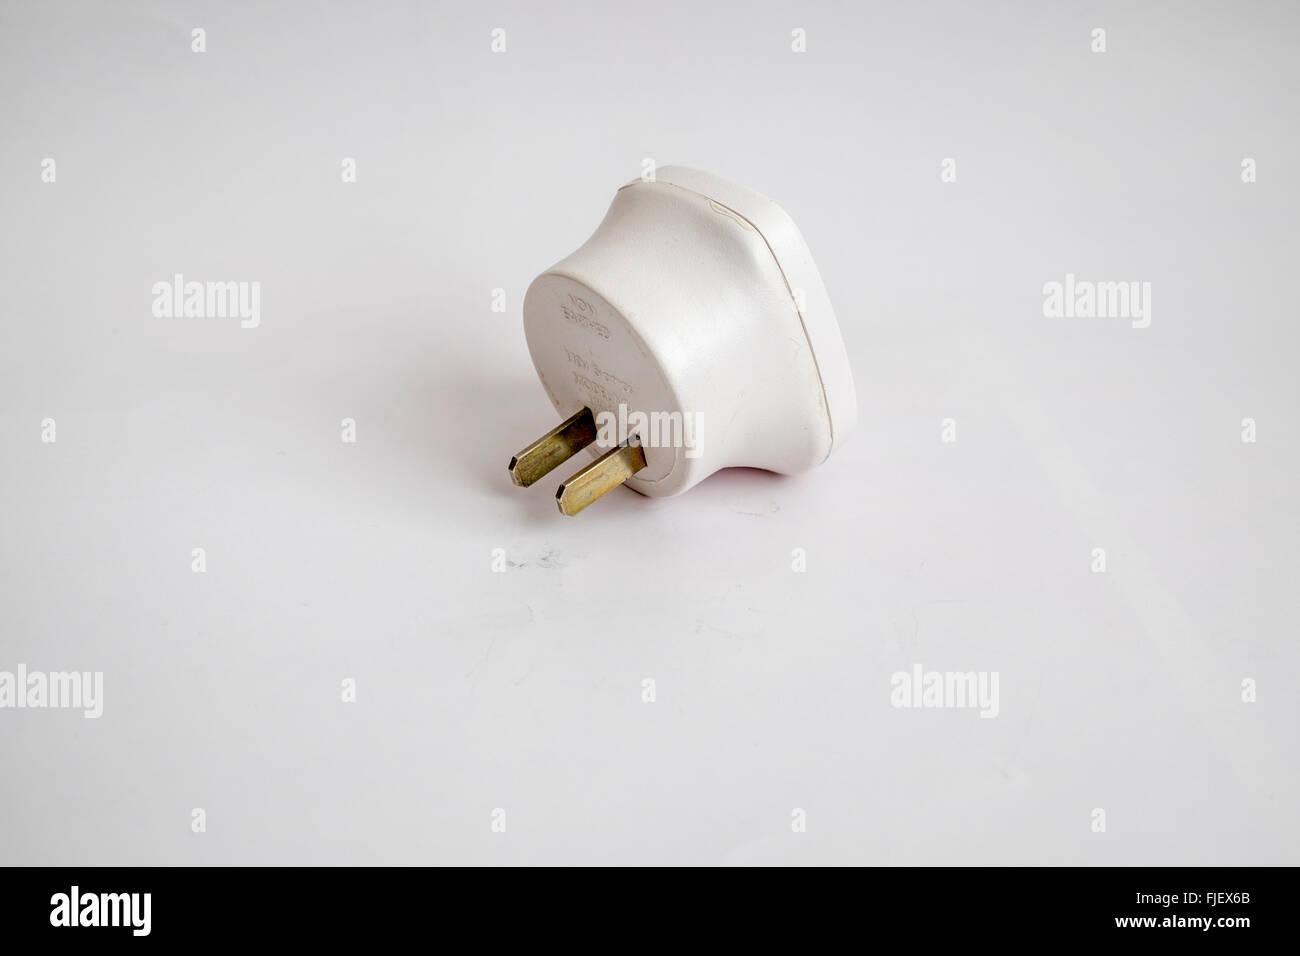 Netzstecker Adapter mit 13 Amp 3-Pin-Sockel in 2 Flachstecker in den Vereinigten Staaten von Amerika verwendet werden Stockfoto